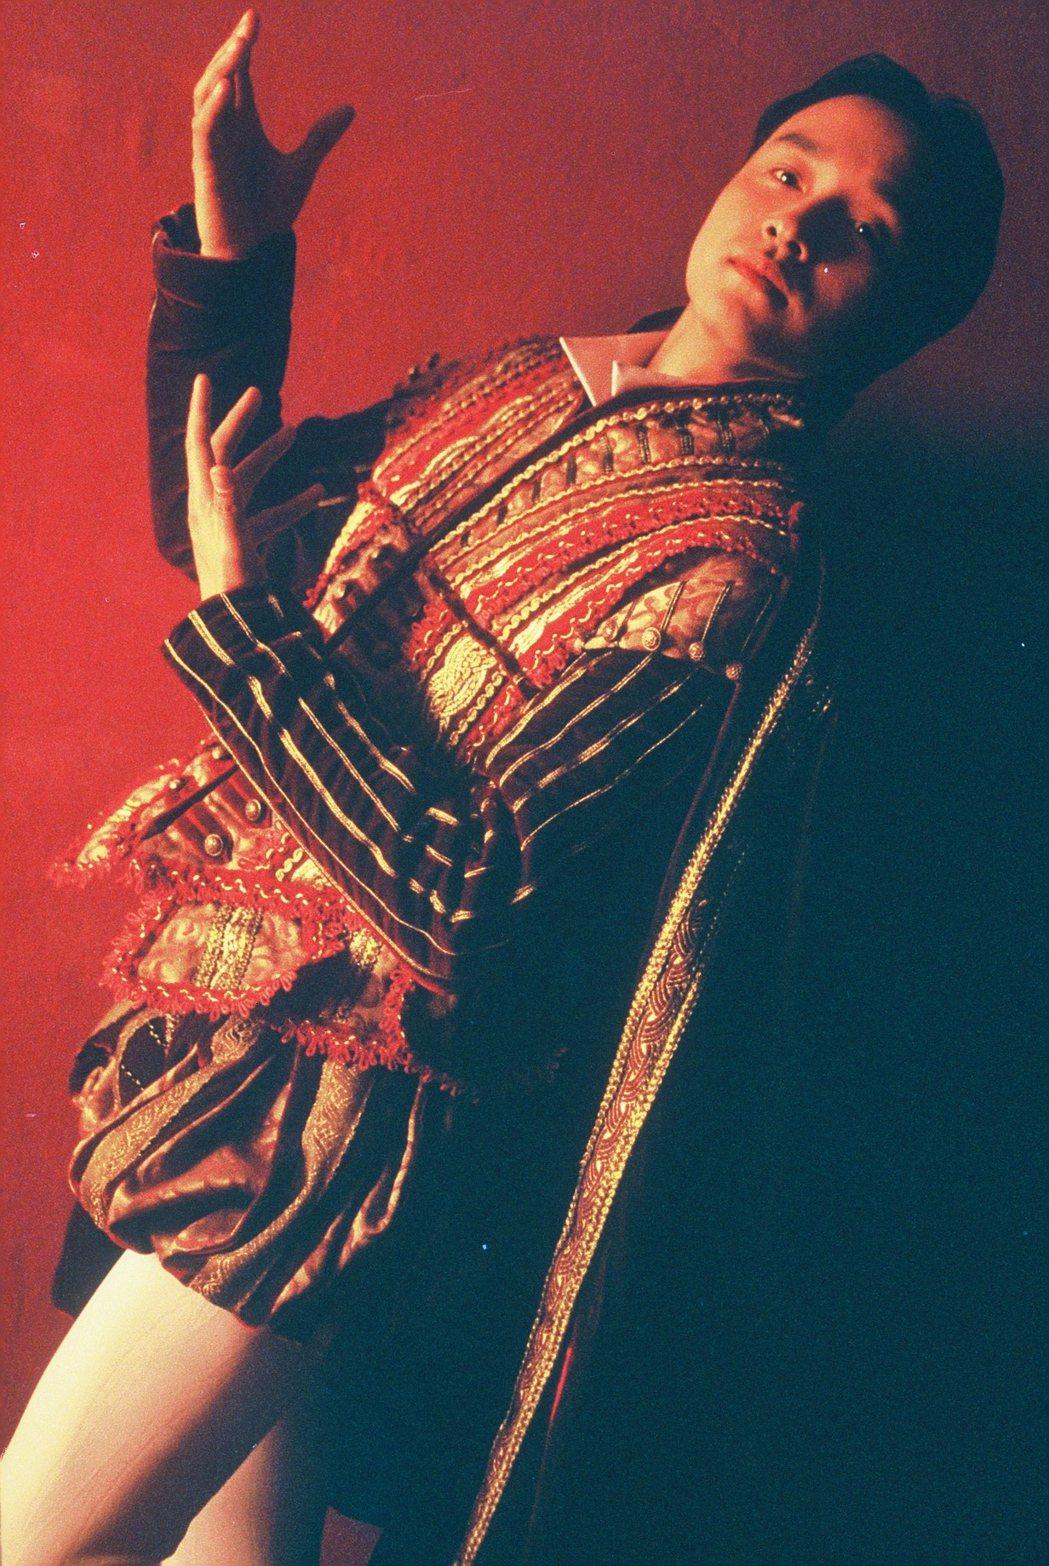 張國榮逝世17年,經典愛情代表作品「夜半歌聲」重映。圖/華映提供